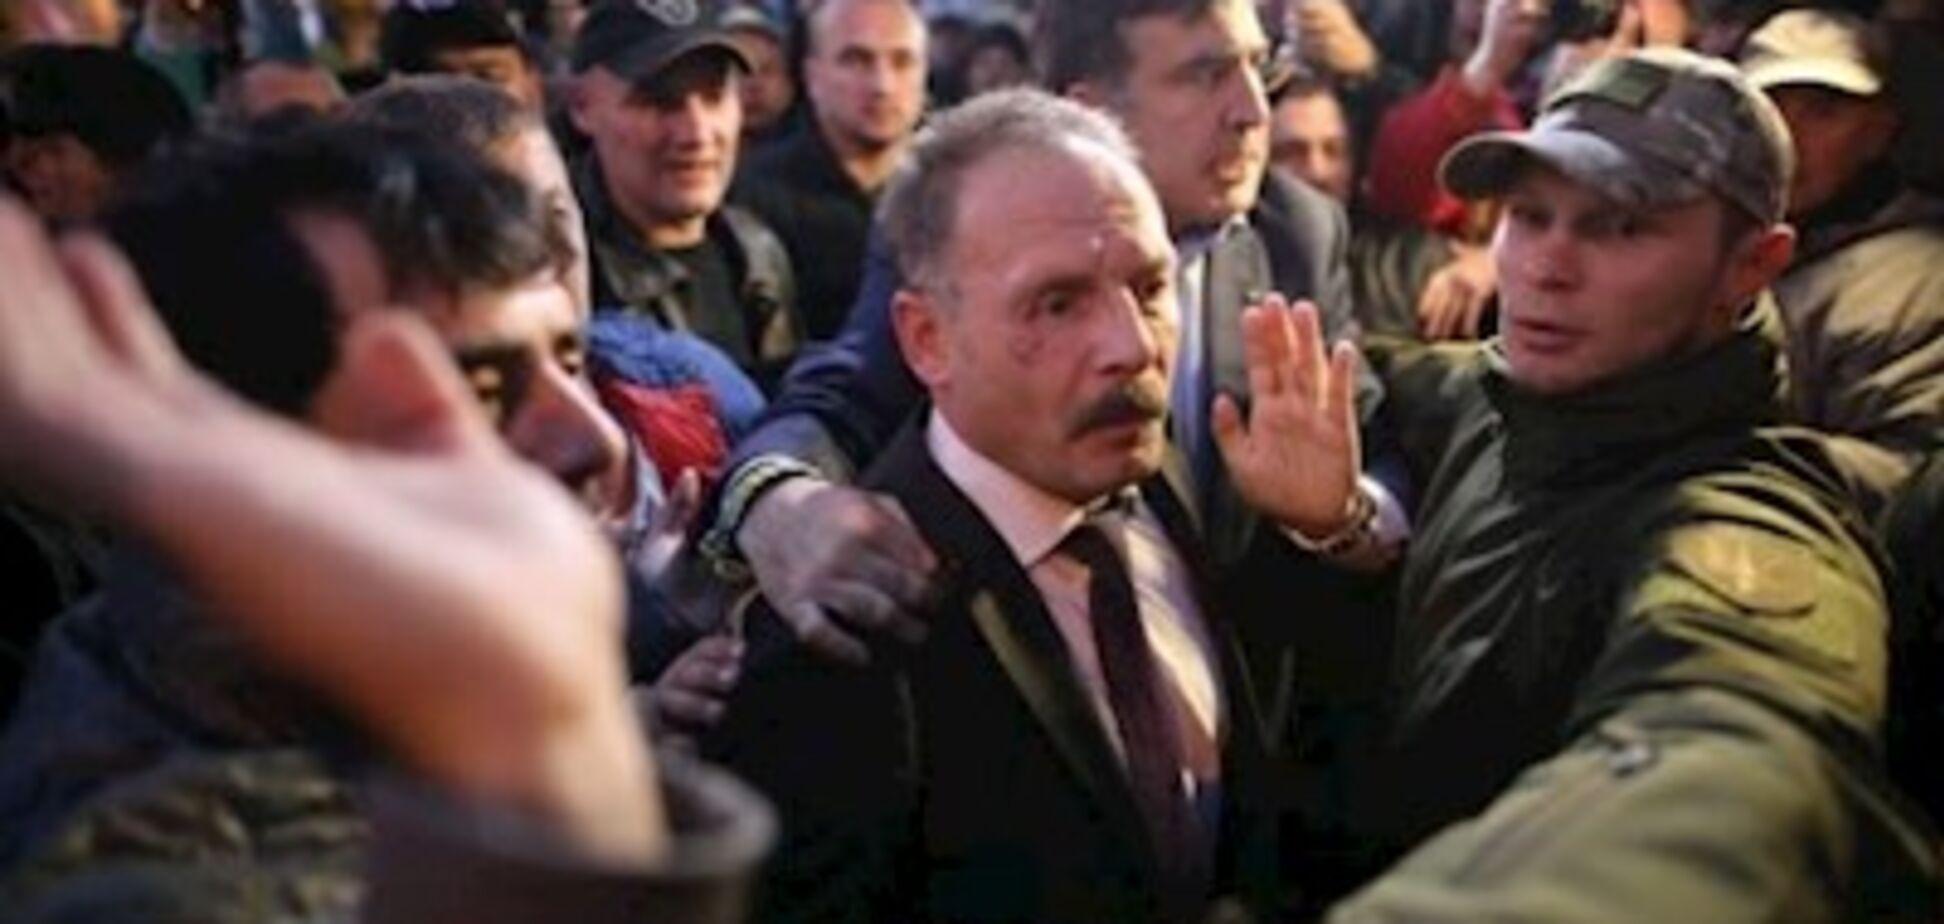 Нападения на нардепов под Радой: появилось видео атаки на Гаврилюка и Барну